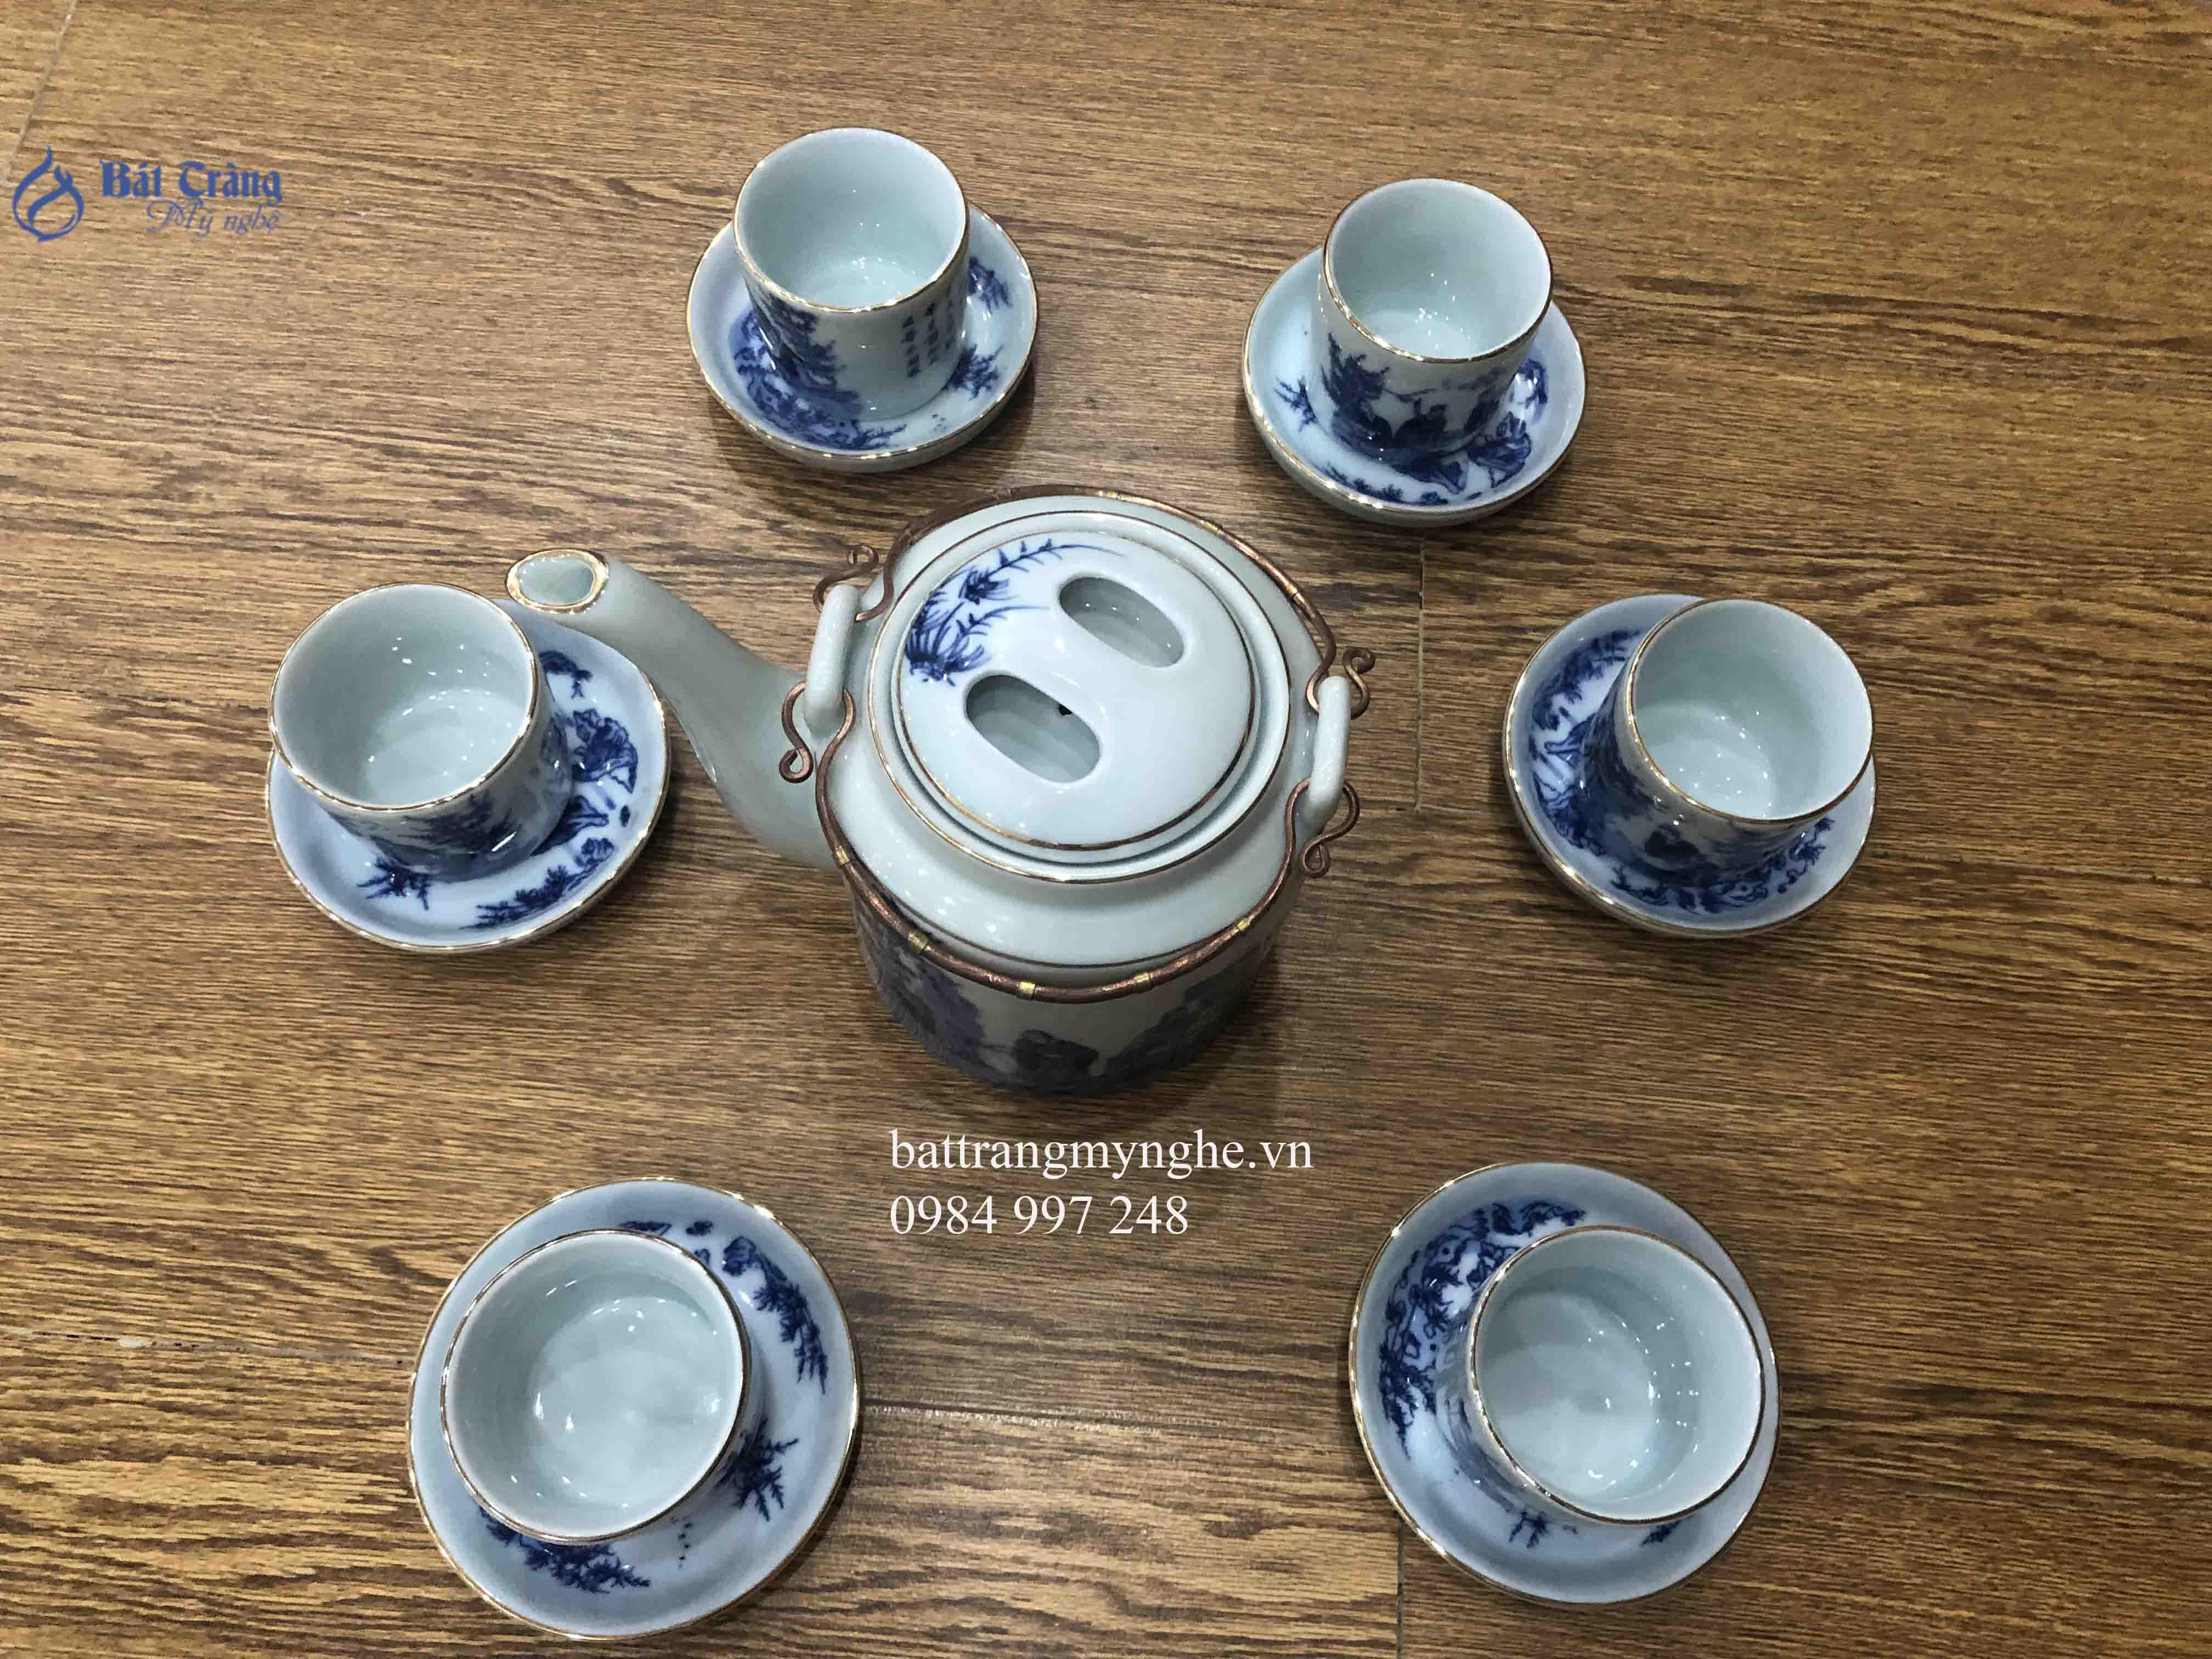 Bộ ấm trà men chàm cổ dáng tích nhỏ quai đồng vẽ trúc lâm thất hiền 0.8l kẻ chỉ vàng kim